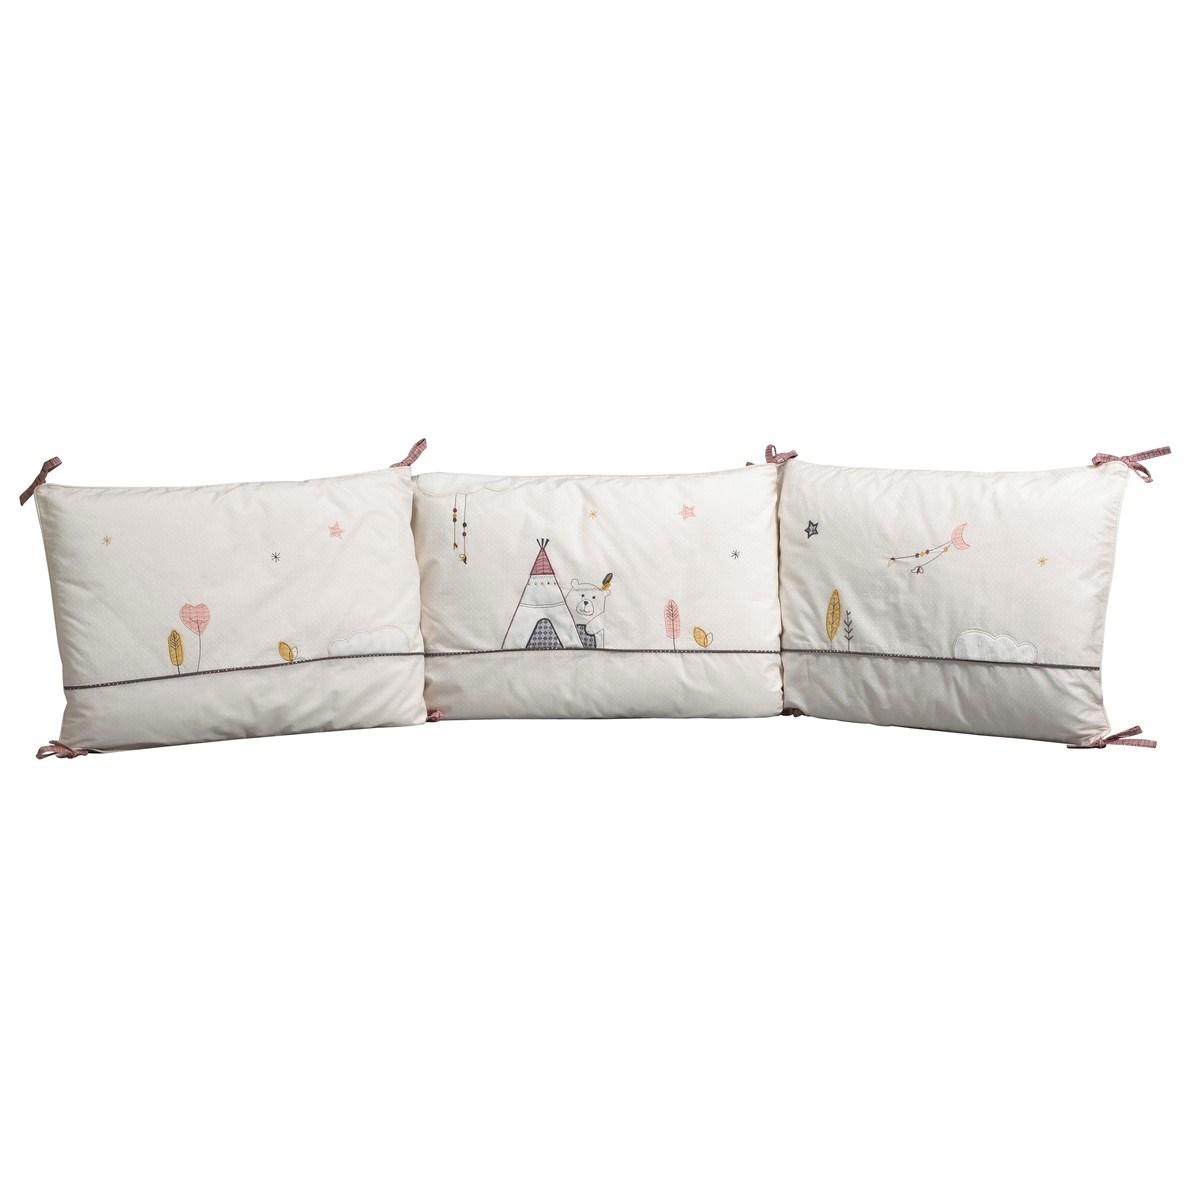 Tour de lit bébé déhoussable en coton polyurethane beige